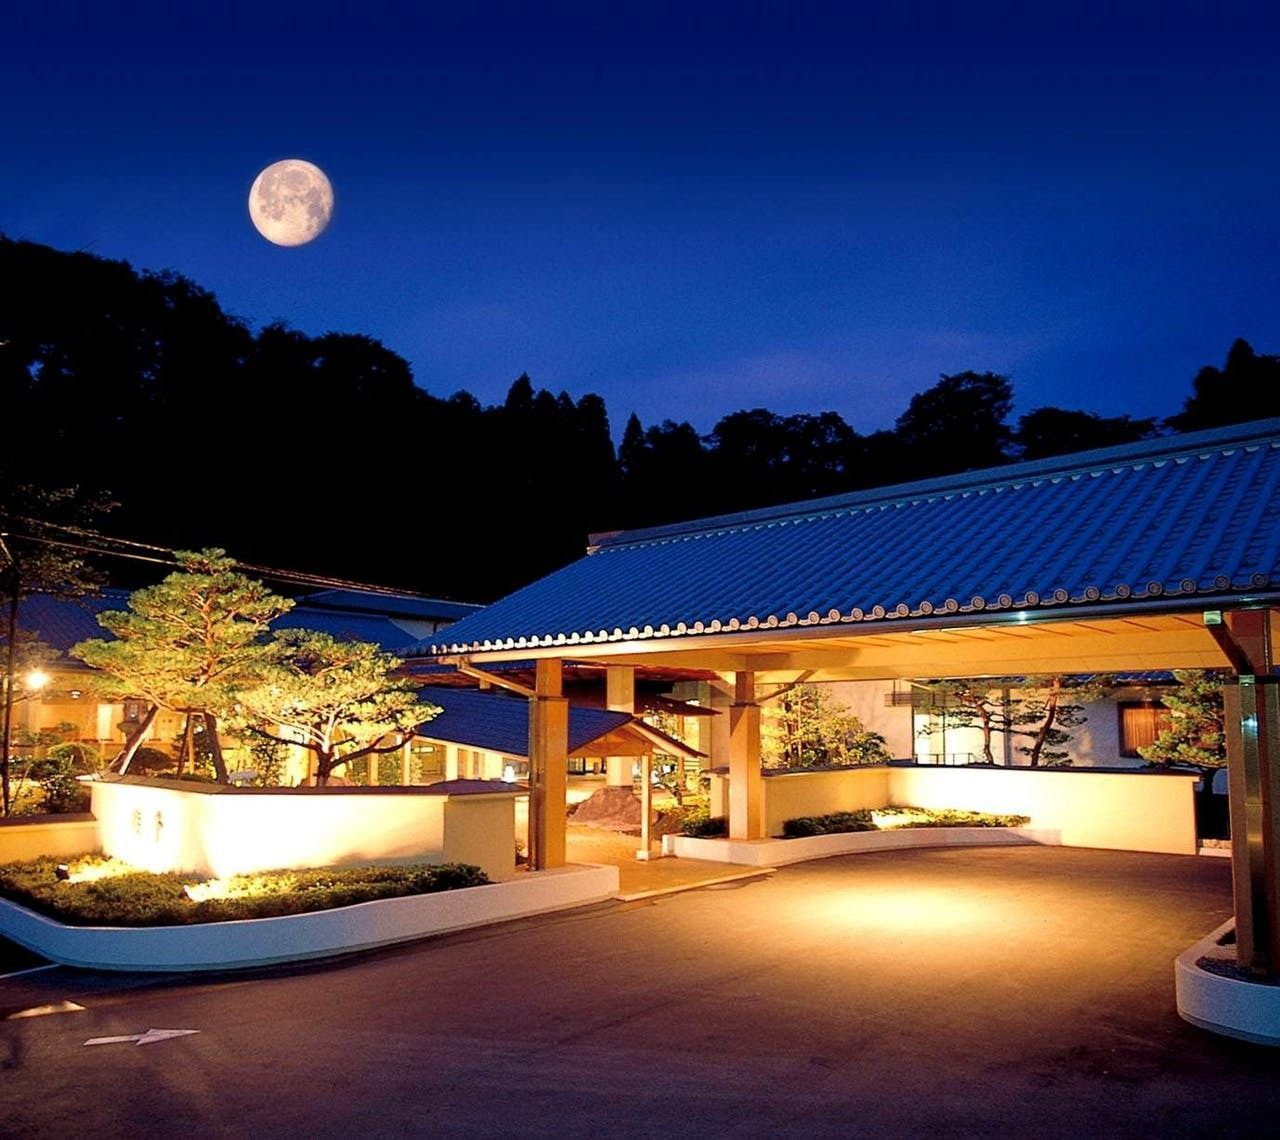 【2020】金沢の外さないおすすめホテル10選!温泉や食事が人気の画像